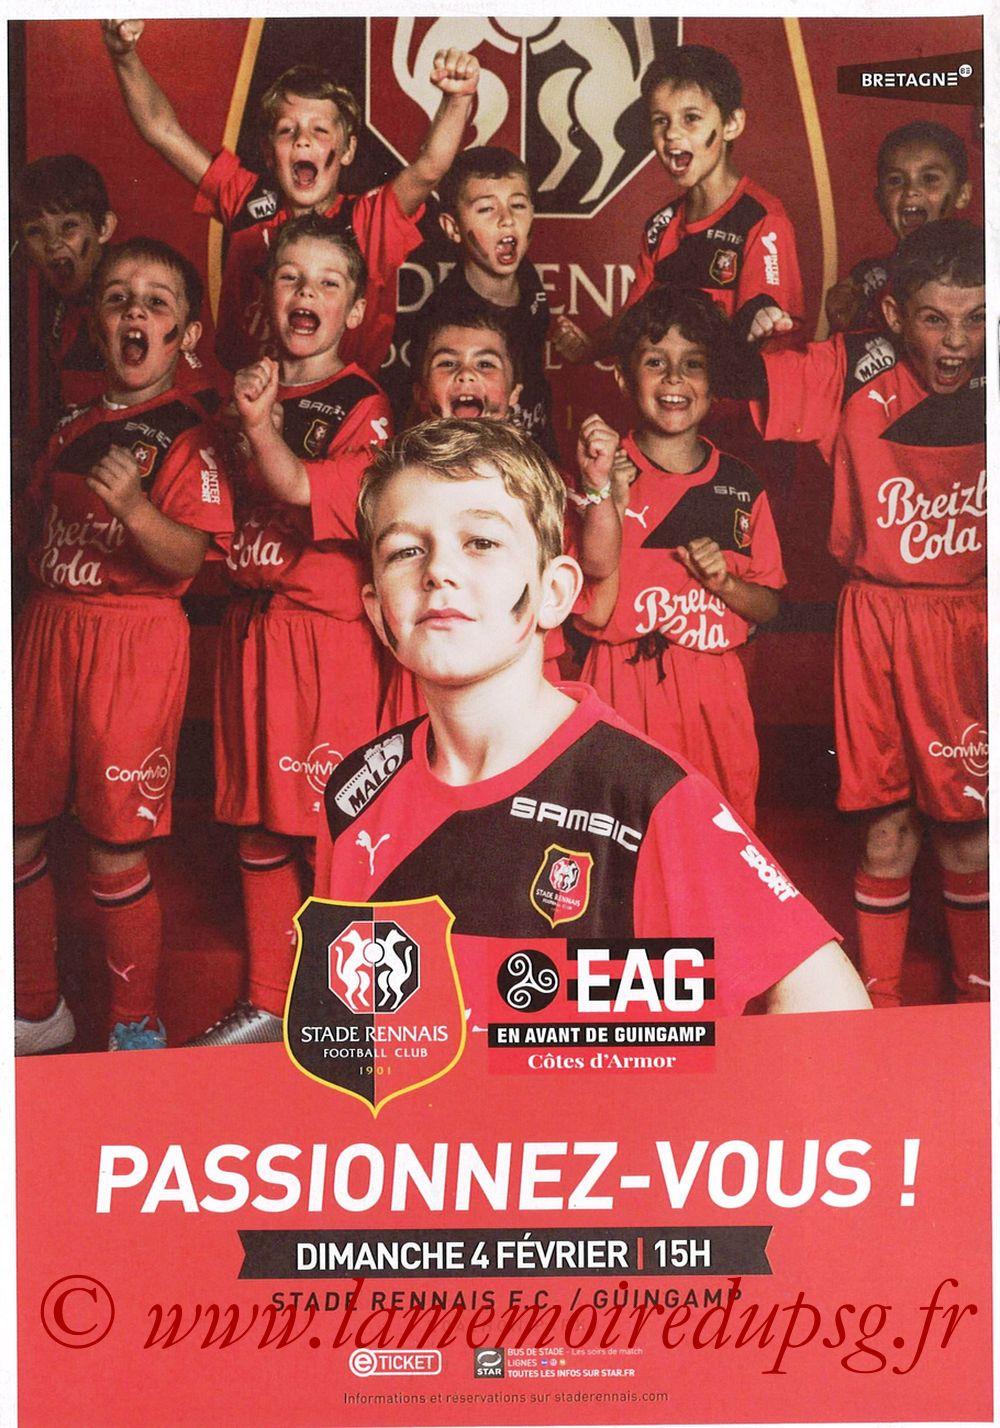 2018-01-30  Rennes-PSG (Demi CL, Programme Officiel) - Pages 08